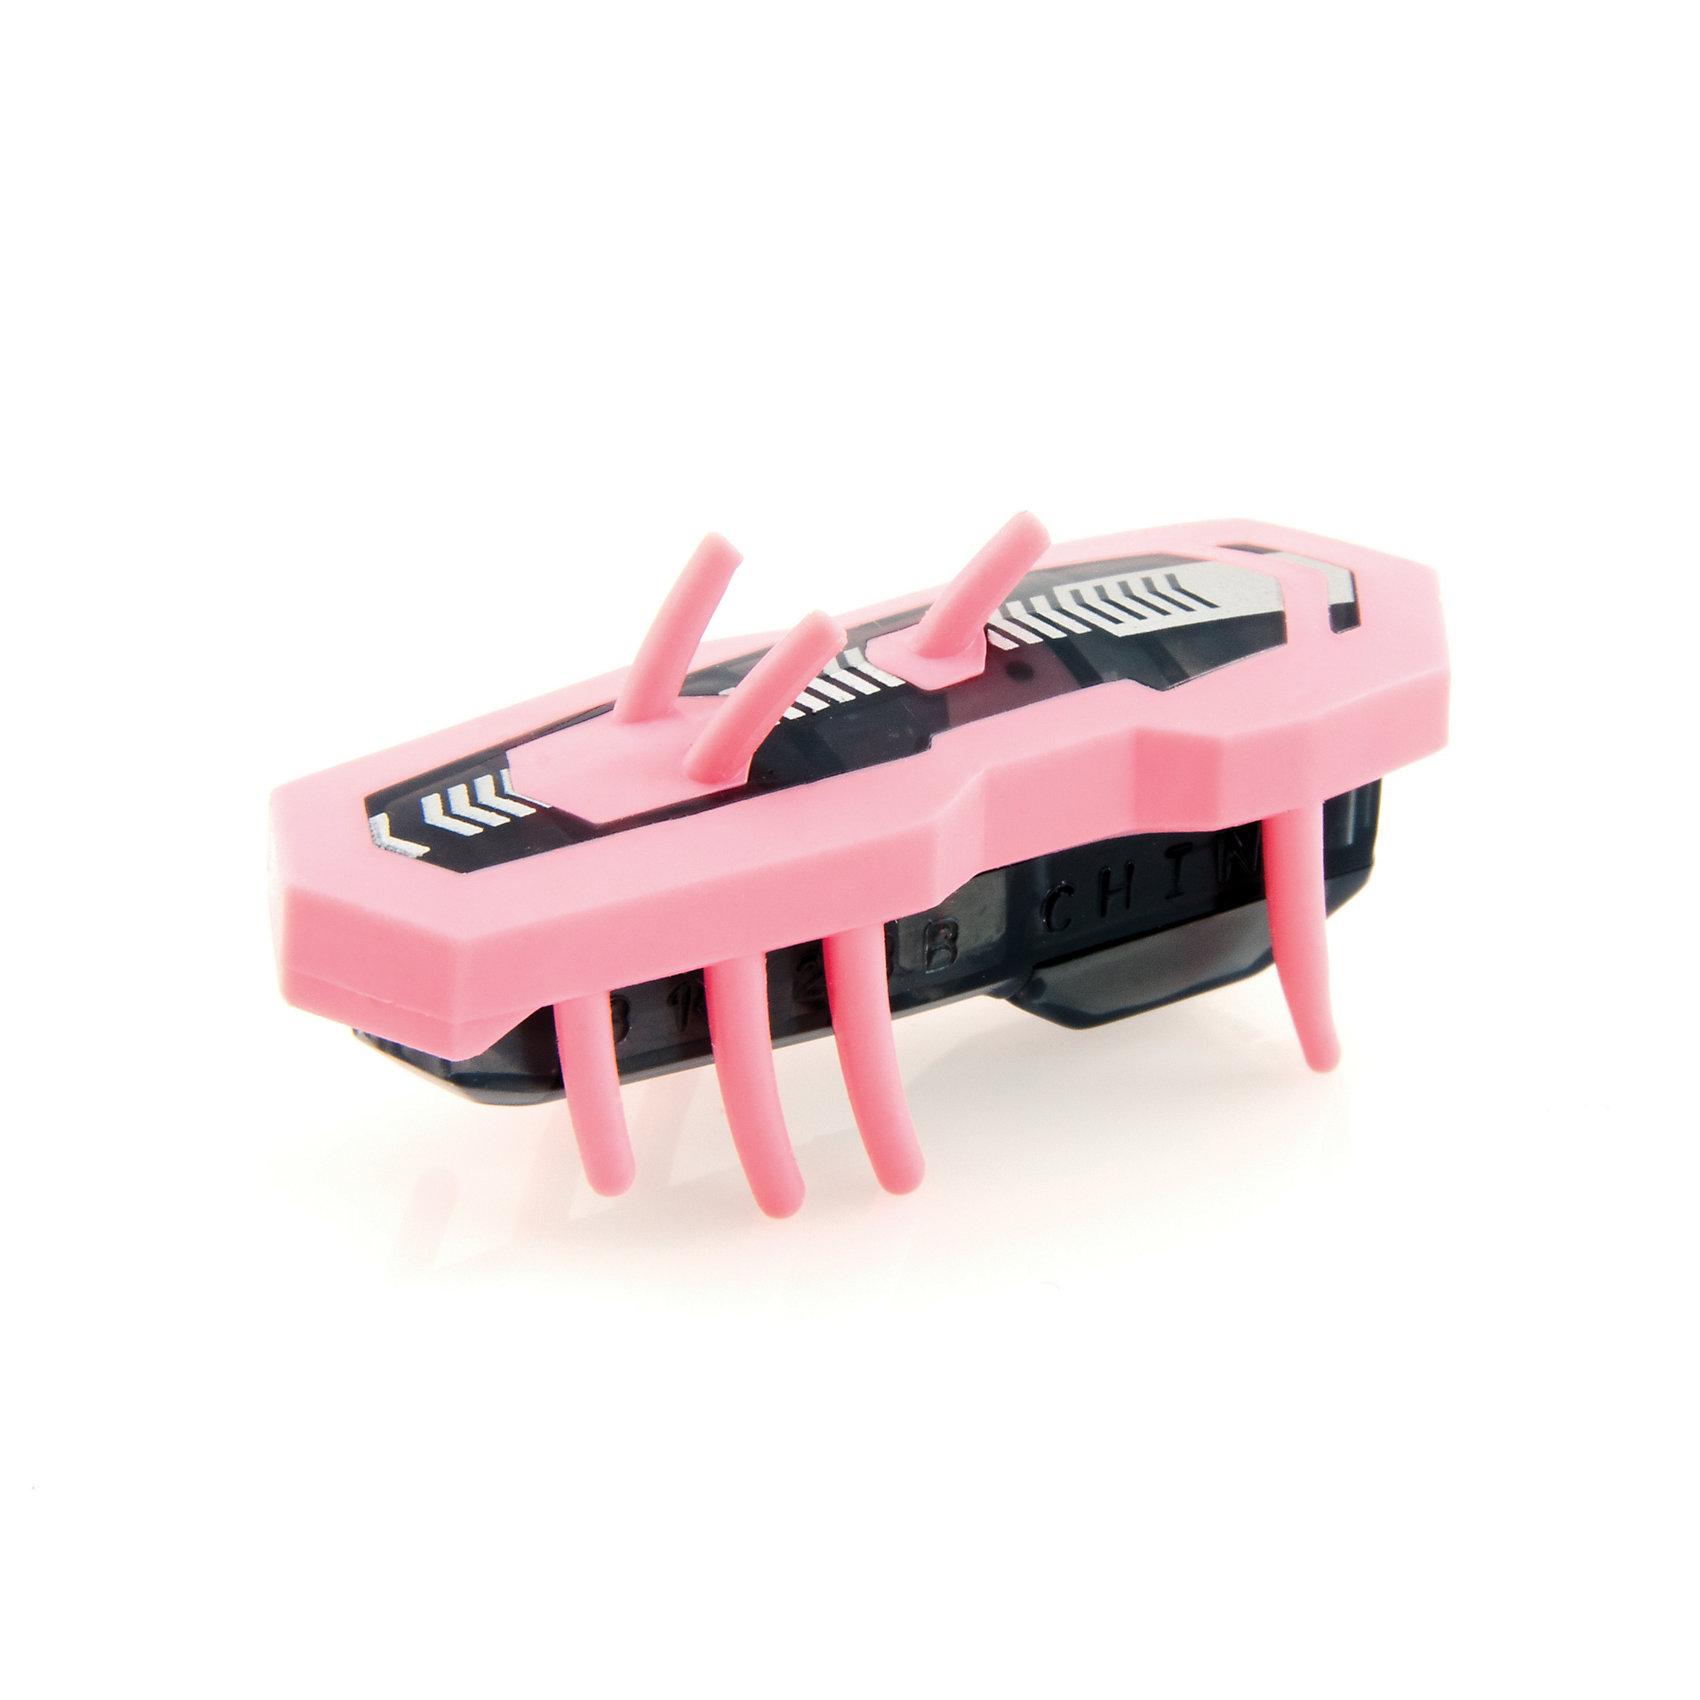 Микро-робот Нано V2 NEON, розовый, HexbugХарактеристики электронной игрушки Hexbug:<br><br>• отличительная особенность: нано-жук светится в темноте неоновым светом;<br>• поведение наноробота: автономное, хаотичное;<br>• направление движения: горизонтально и вертикально вверх;<br>• количество ножек: 8 снизу, 3 сверху, верхние рожки помогают взбираться по вертикальным туннелям;<br>• размер наноробота: 4,2х2х1,4 см;<br>• наноробот без труда путешествует по нанодромам из наборов Hexbug Nano;<br>• батарейки входят в комплект: 1 шт. типа AG13;<br>• упаковка наноробота Nano V2 является частью лабиринта для беговых площадок и дорожек из серии V2. <br><br>Электронная игрушка Нано V2 NEON – это микро-робот Нано, который очень быстро передвигается по закрученным лабиринтам, горизонтальным площадкам и вертикальным проходам. Наноробот модернизирован, с контрастной окраской, добавились функциональные рожки. С нанороботами можно устроить настоящие скоростные забеги. <br><br>Микро-робот Нано V2 NEON, розовый, Hexbug можно купить в нашем интернет-магазине.<br><br>Ширина мм: 26<br>Глубина мм: 8<br>Высота мм: 4<br>Вес г: 57<br>Возраст от месяцев: 36<br>Возраст до месяцев: 2147483647<br>Пол: Унисекс<br>Возраст: Детский<br>SKU: 5007062